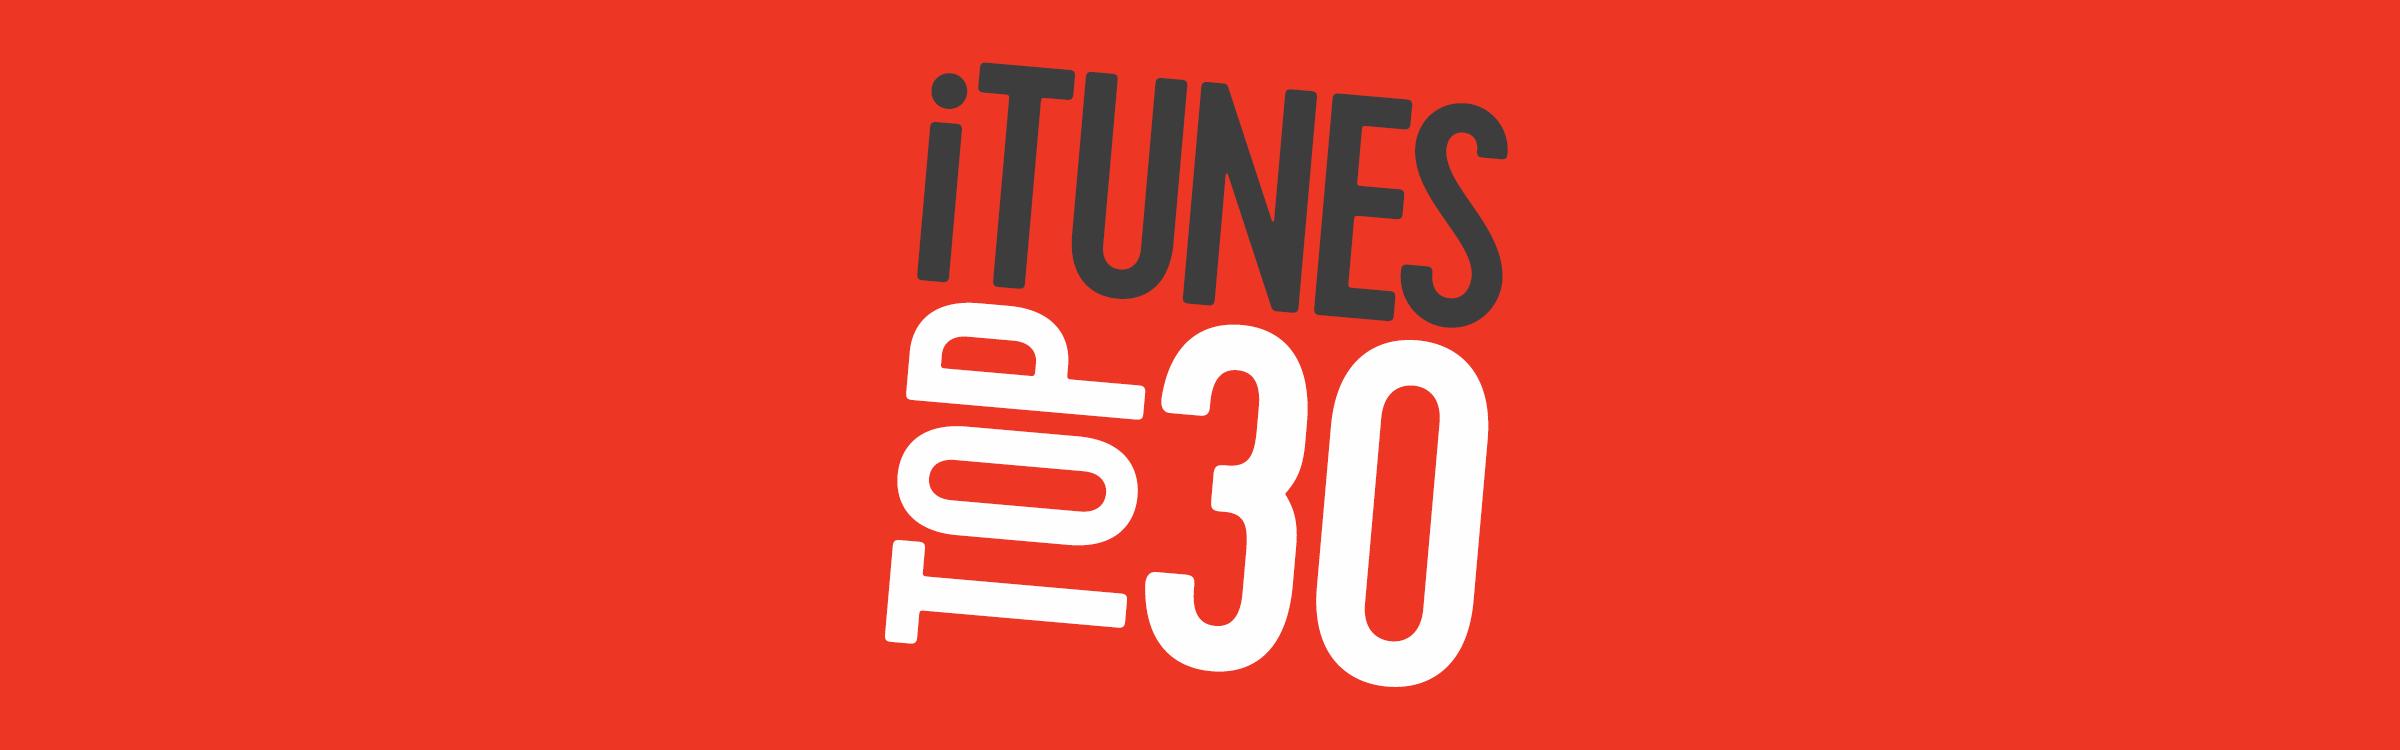 iTunes Top 30